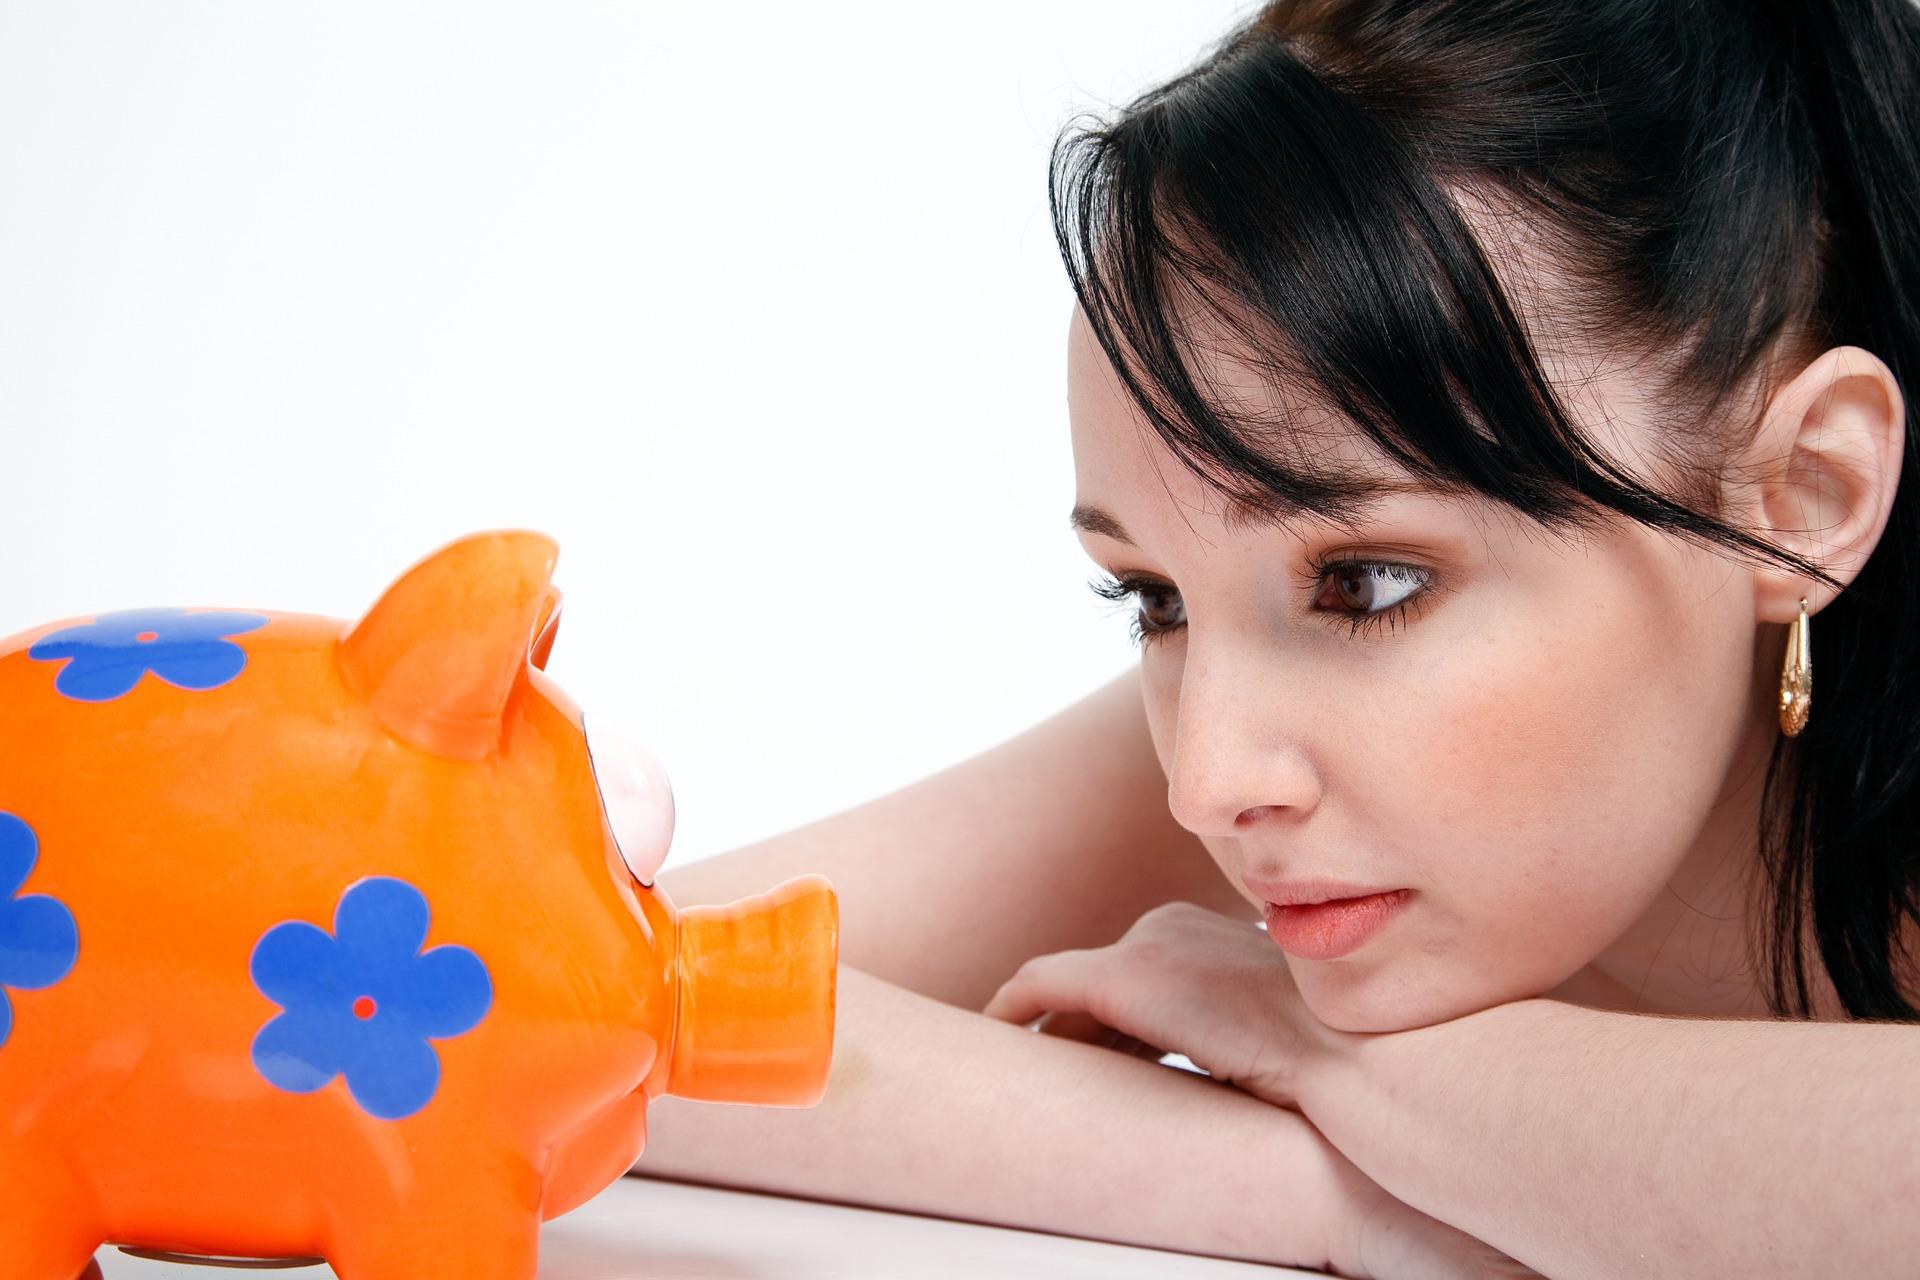 Säästäminen voi olla vaikeaa heikossa taloudellisessa tilanteessa